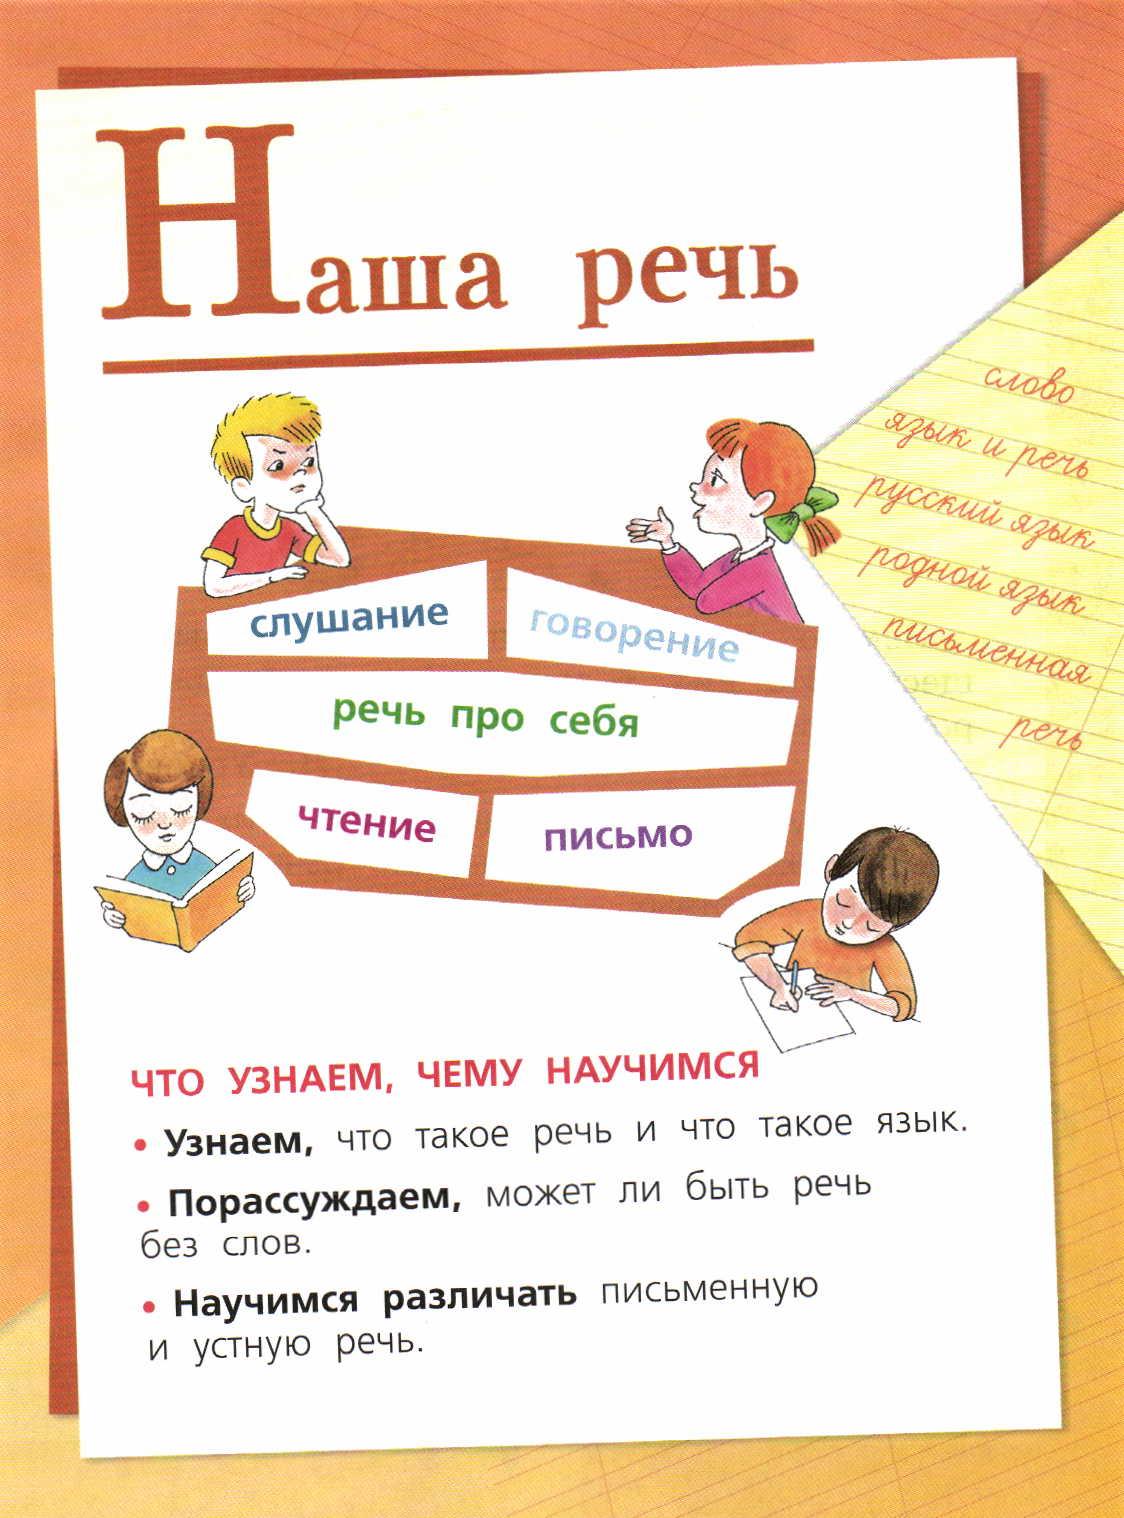 скачать учебник по русскому языку 9 класс pdf